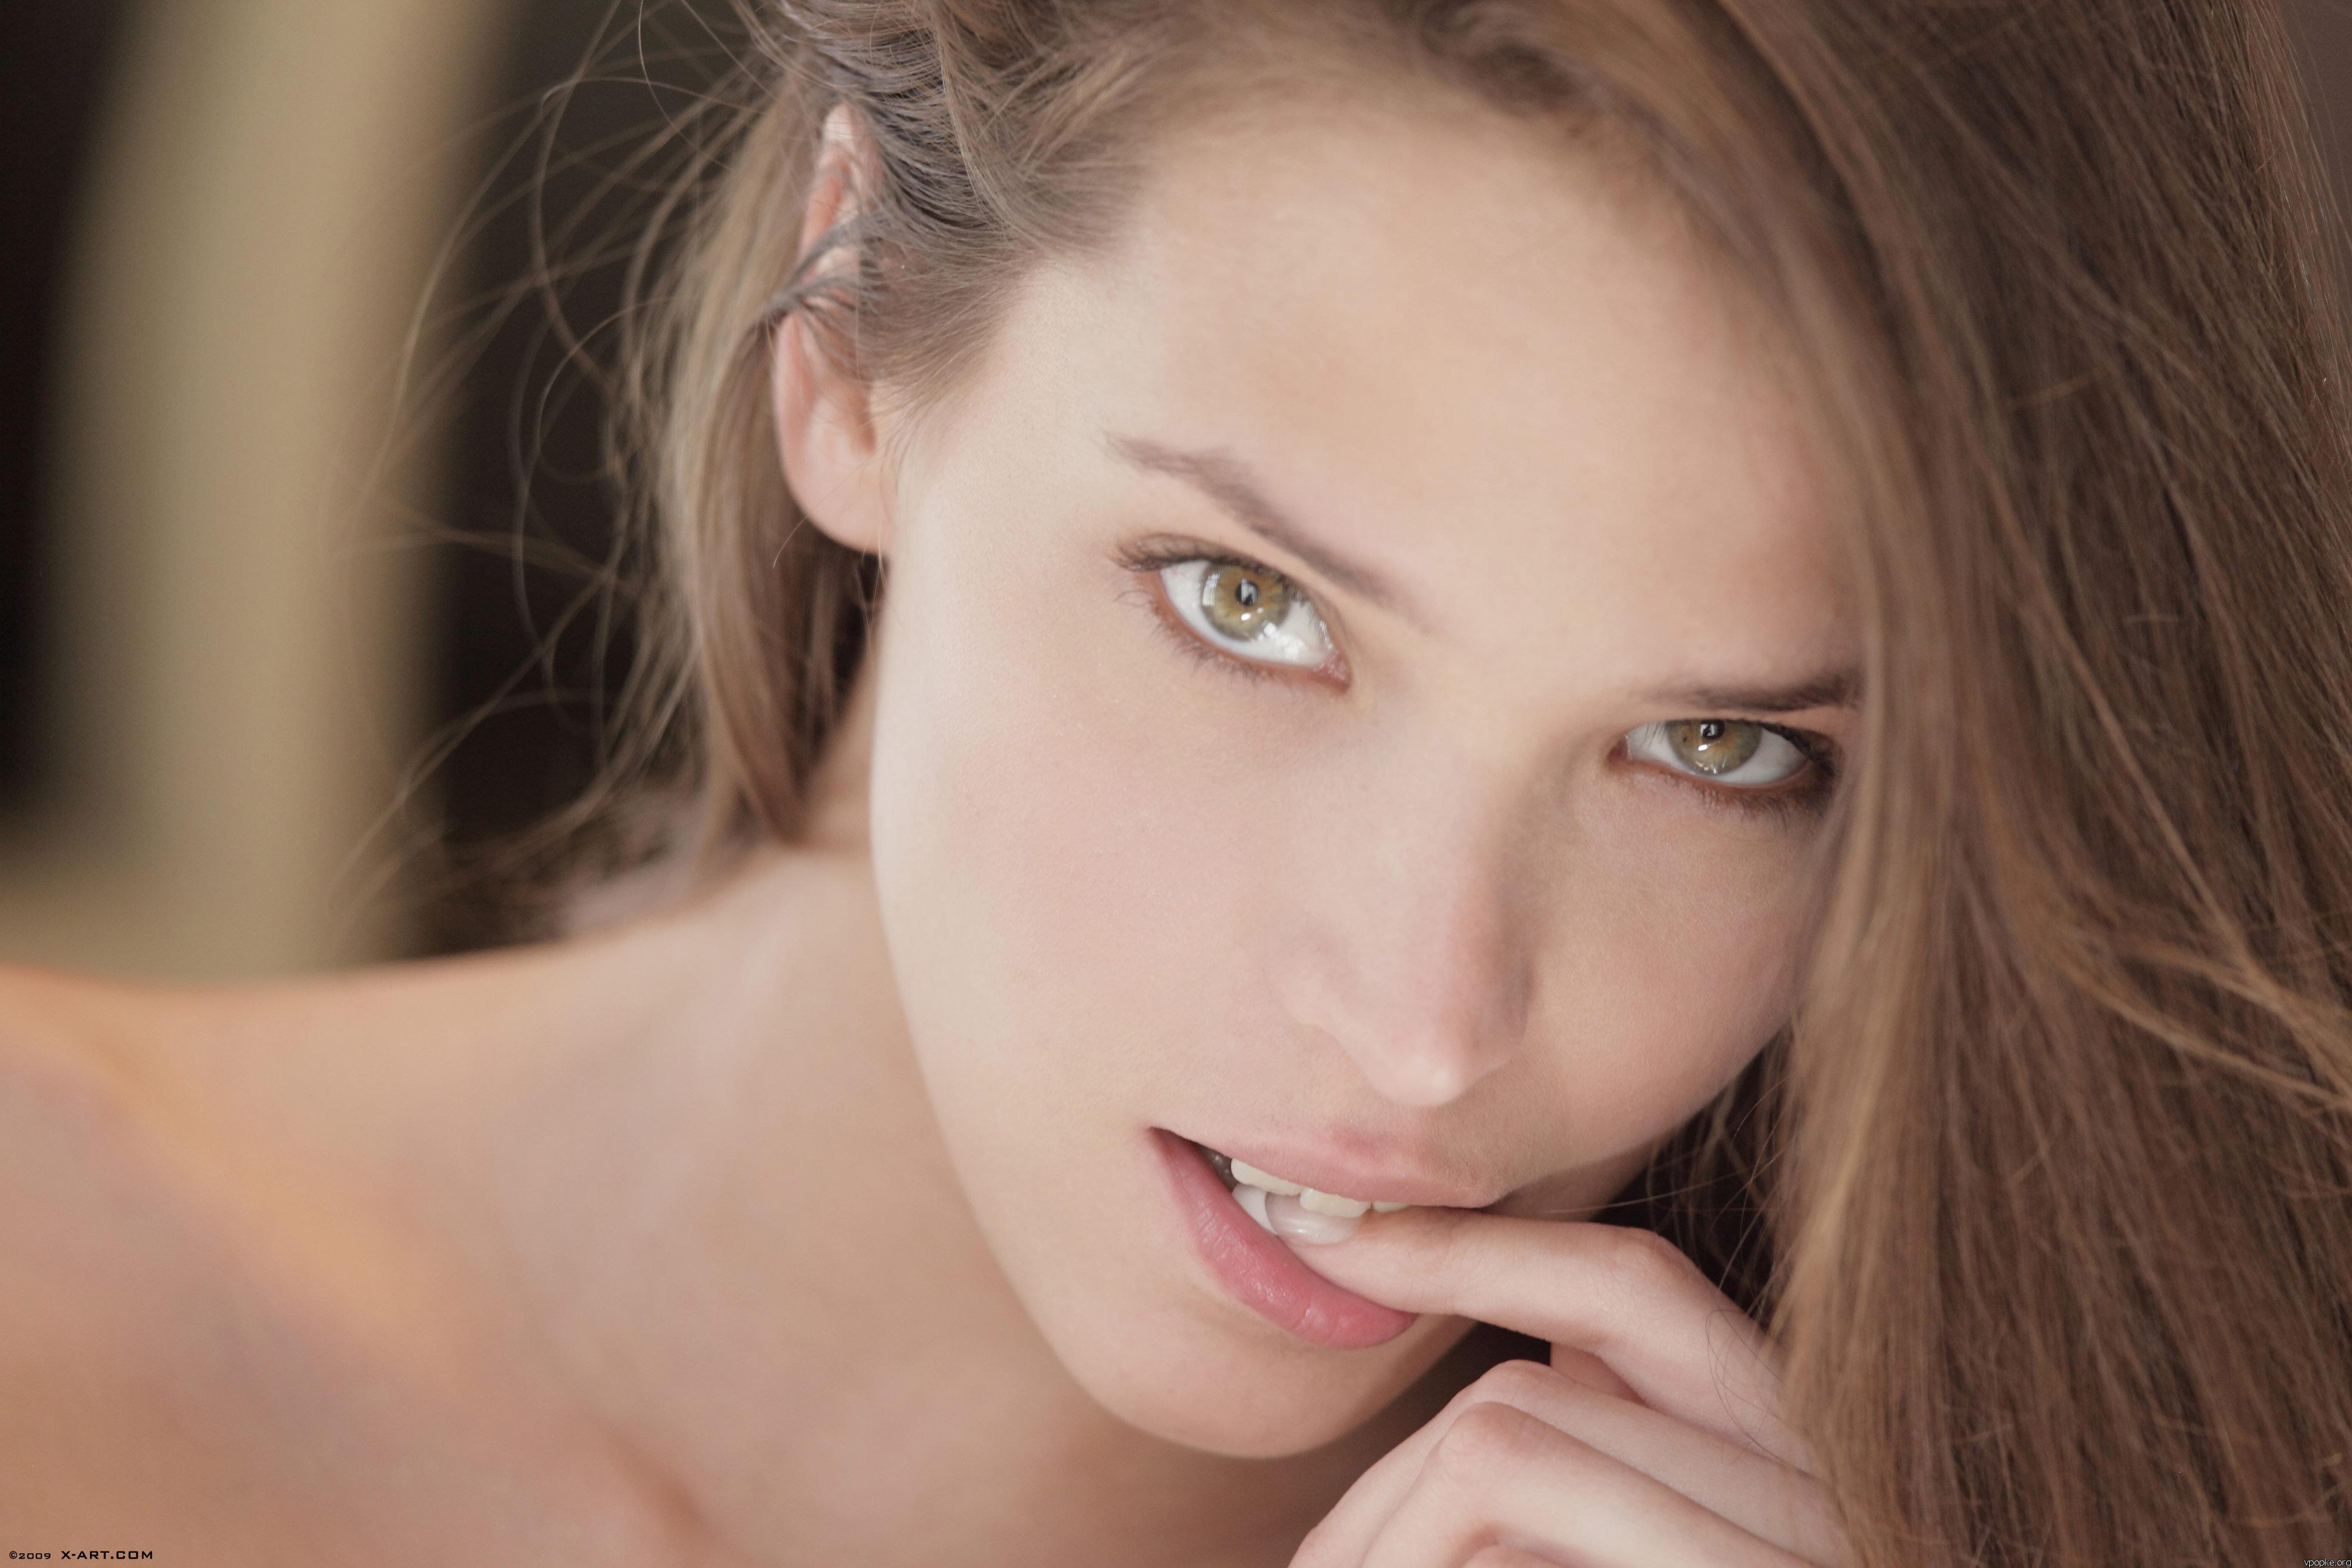 Самые красивые женщины от x art 3 фотография